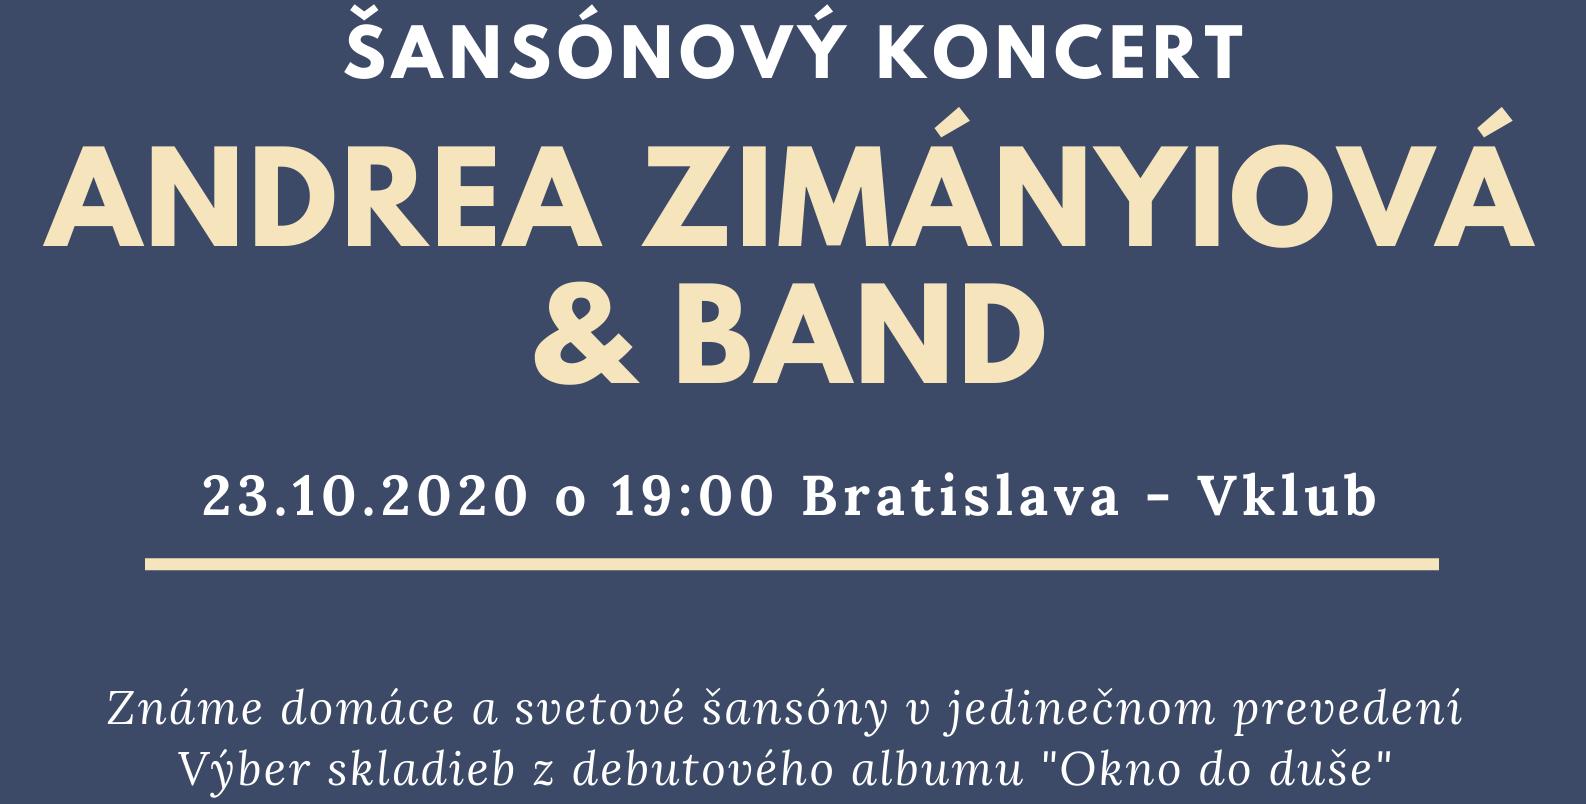 picture Andrea Zimányiová & Band - Šansónový koncert